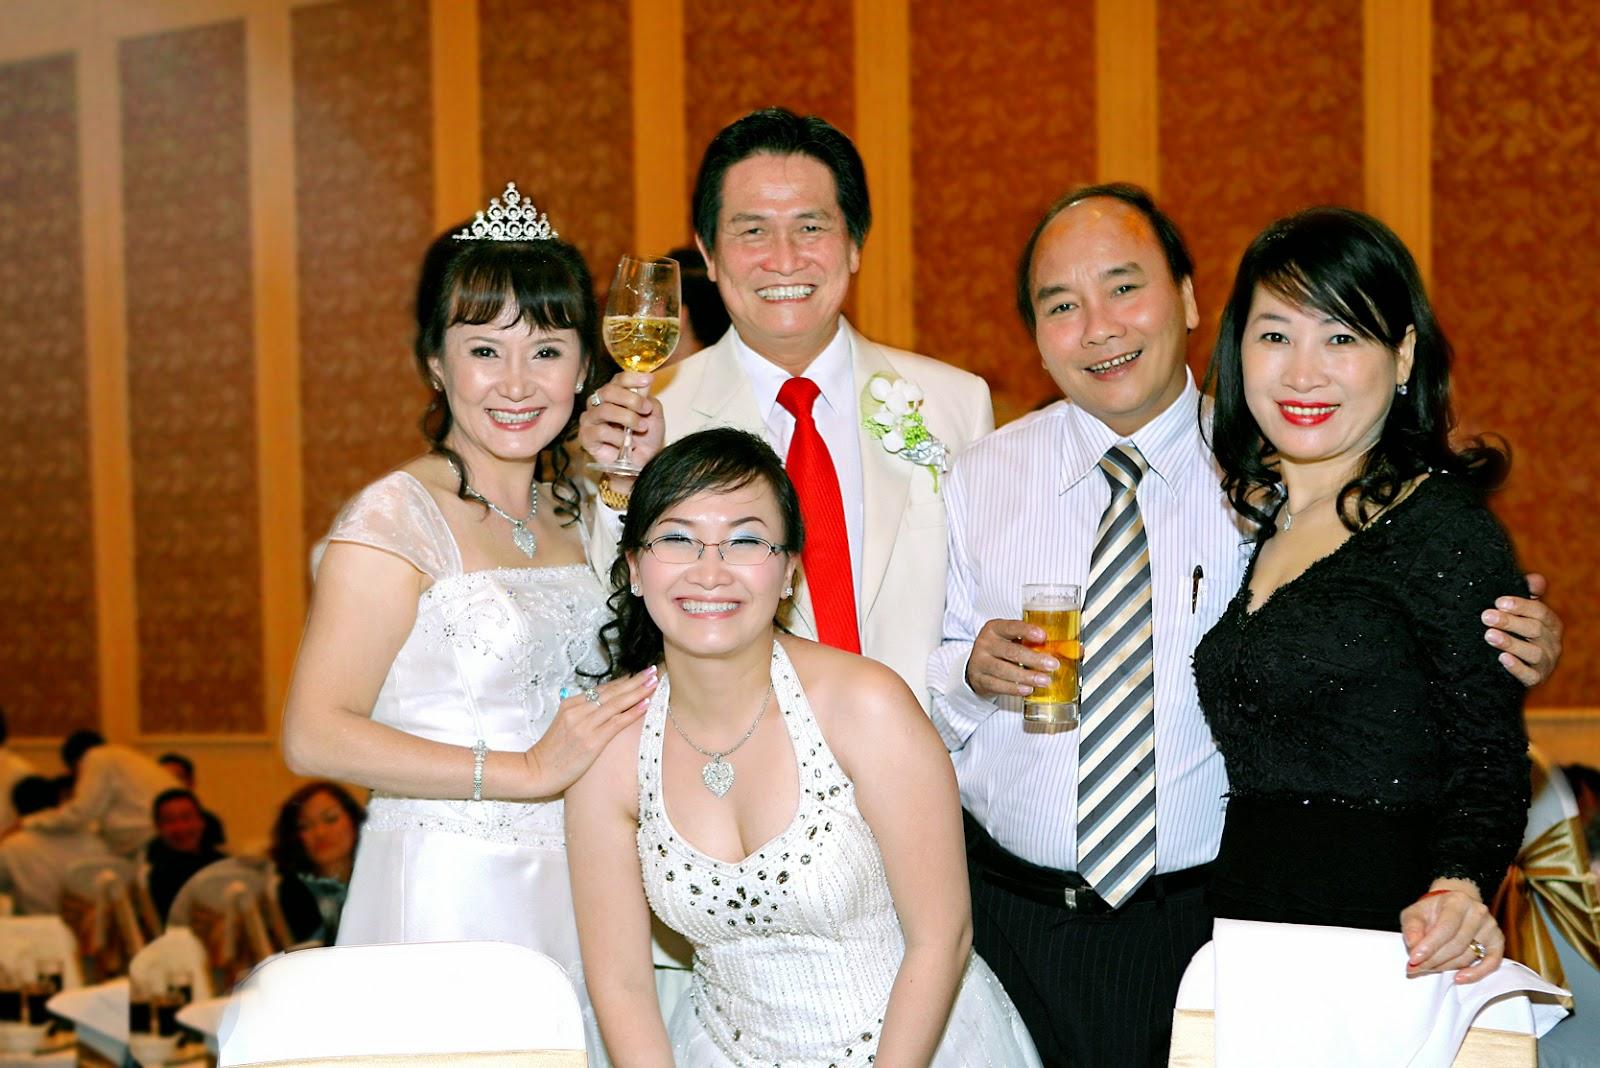 Gia đình Phó thủ tướng Nguyễn Xuân Phúc đã nhận bao nhiêu Cổ phiếu, Cổ phần của đại gia Hoa kiều Đặng Văn Thành?